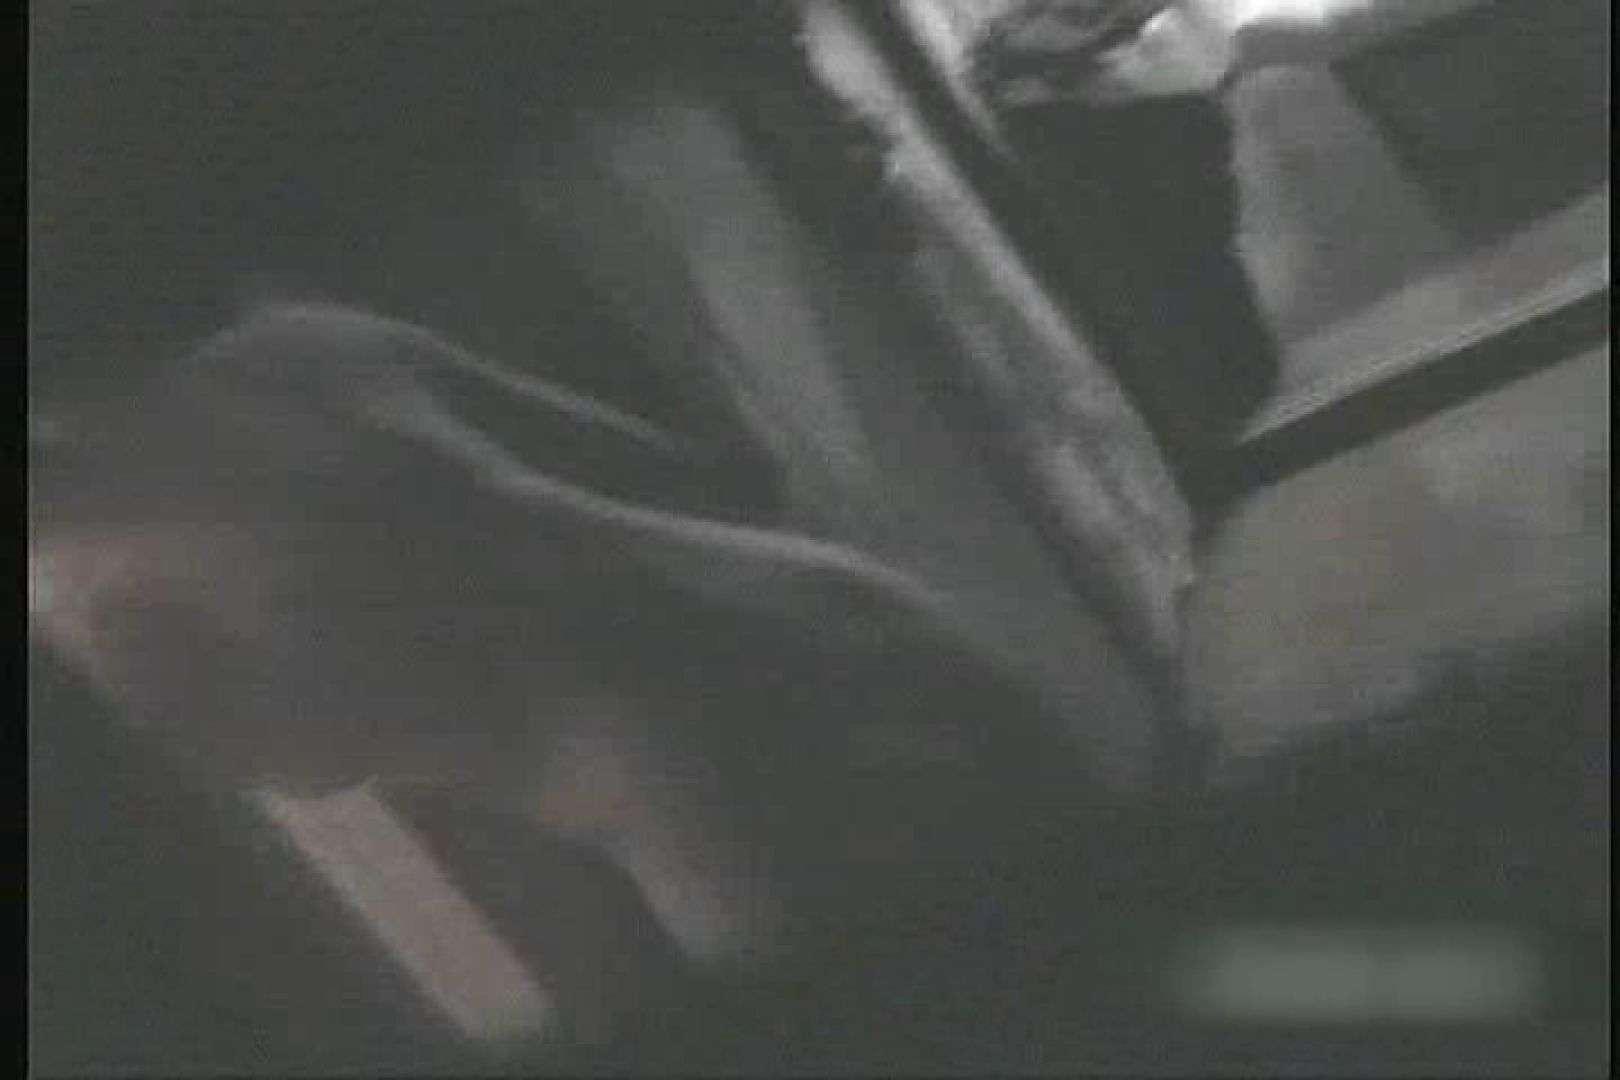 プライベートの極技!!Vol.15 覗き エロ無料画像 72pic 3